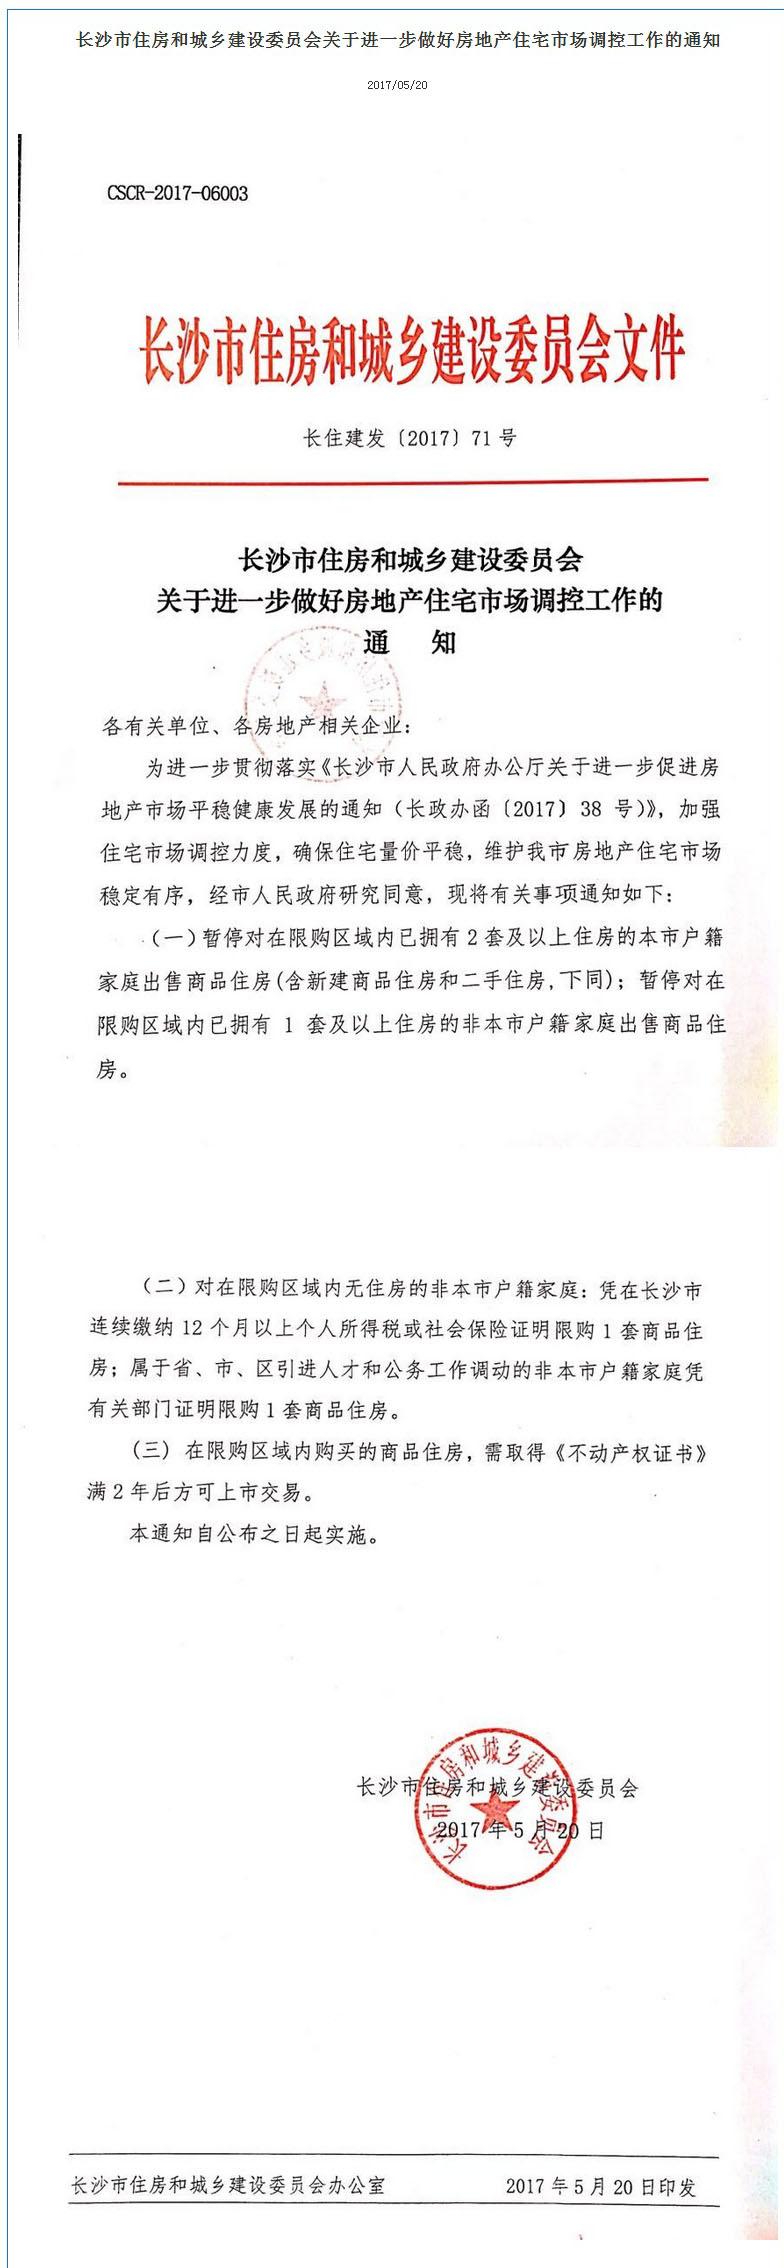 长沙市住房和城乡建设委员会网站截图